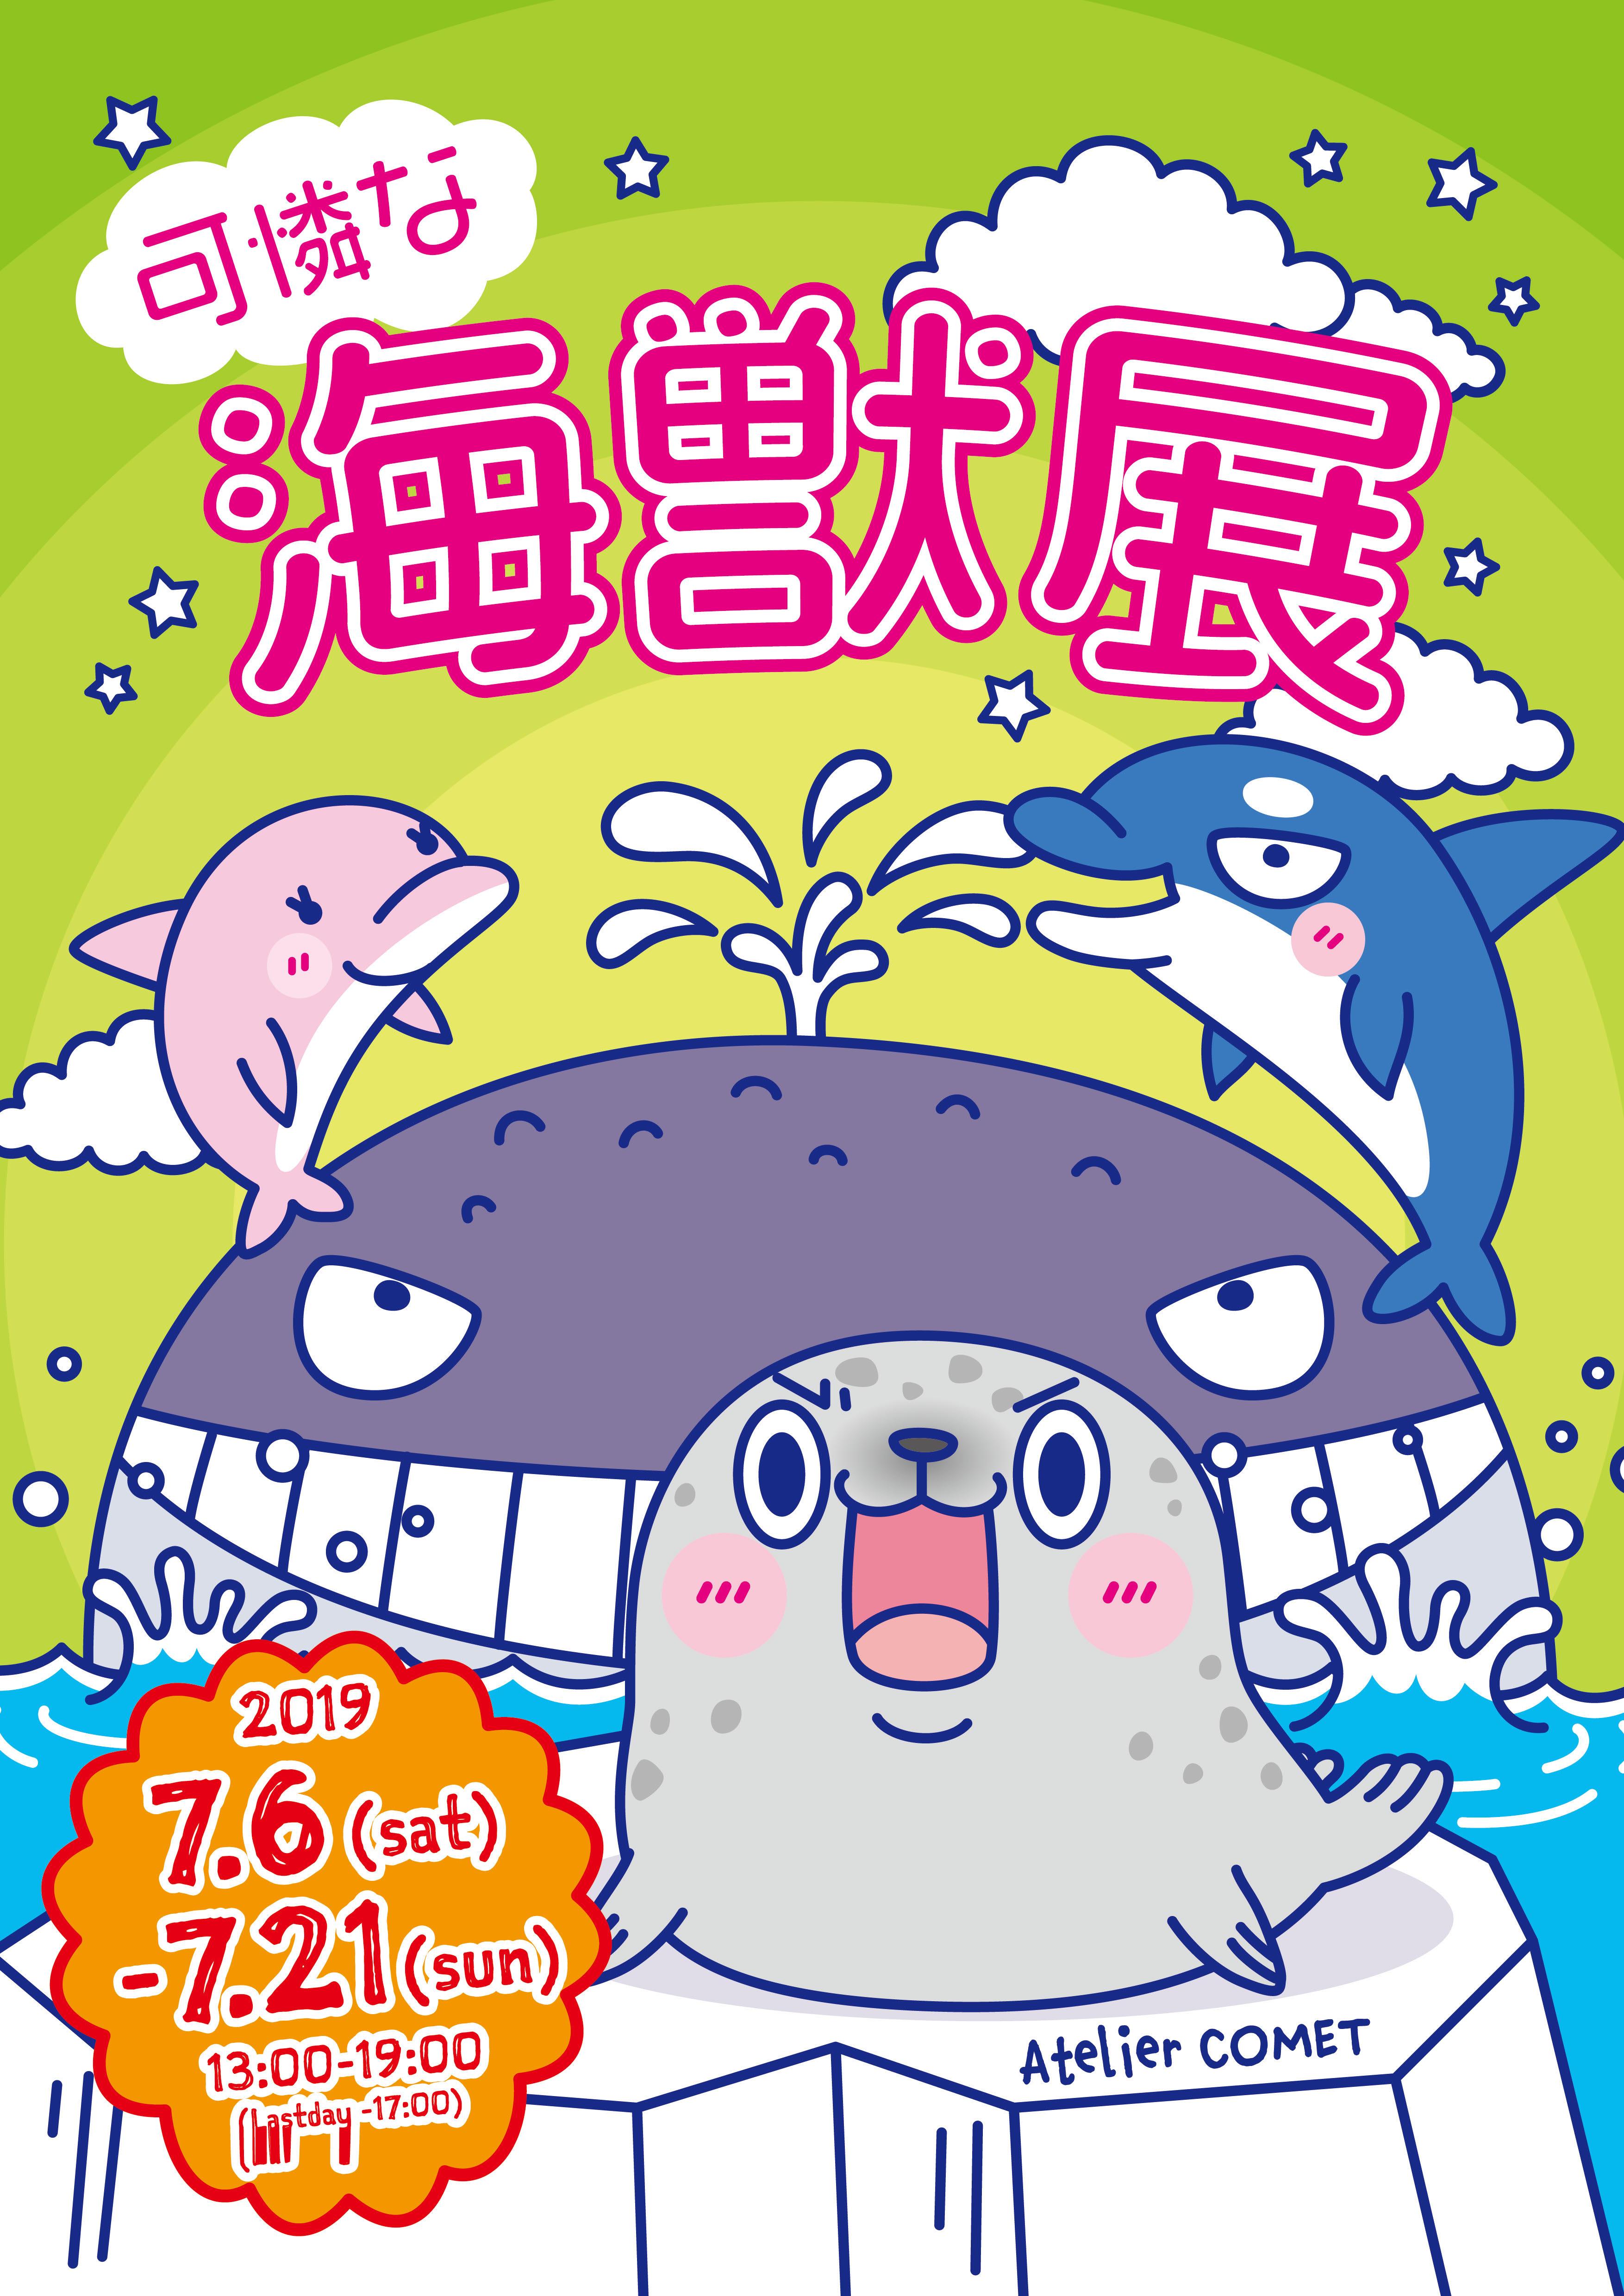 可憐な海獣展